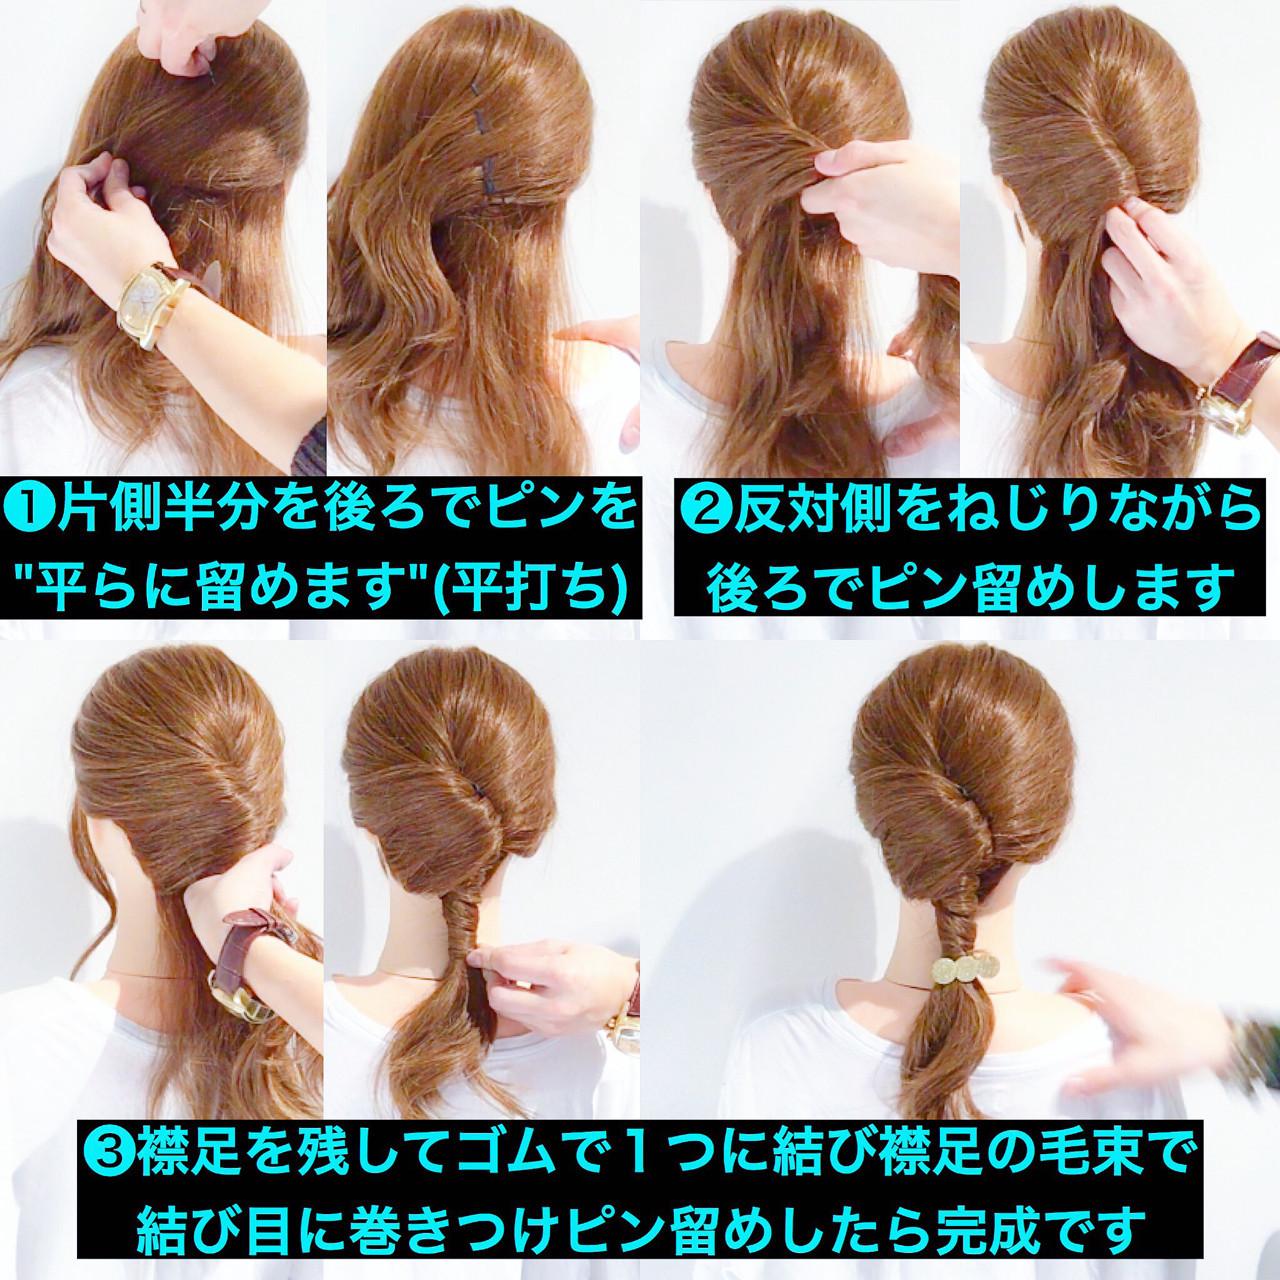 きっちり綺麗めなのにこなれてる!スリークビクセン 美容師 HIRO  Amoute/アムティ